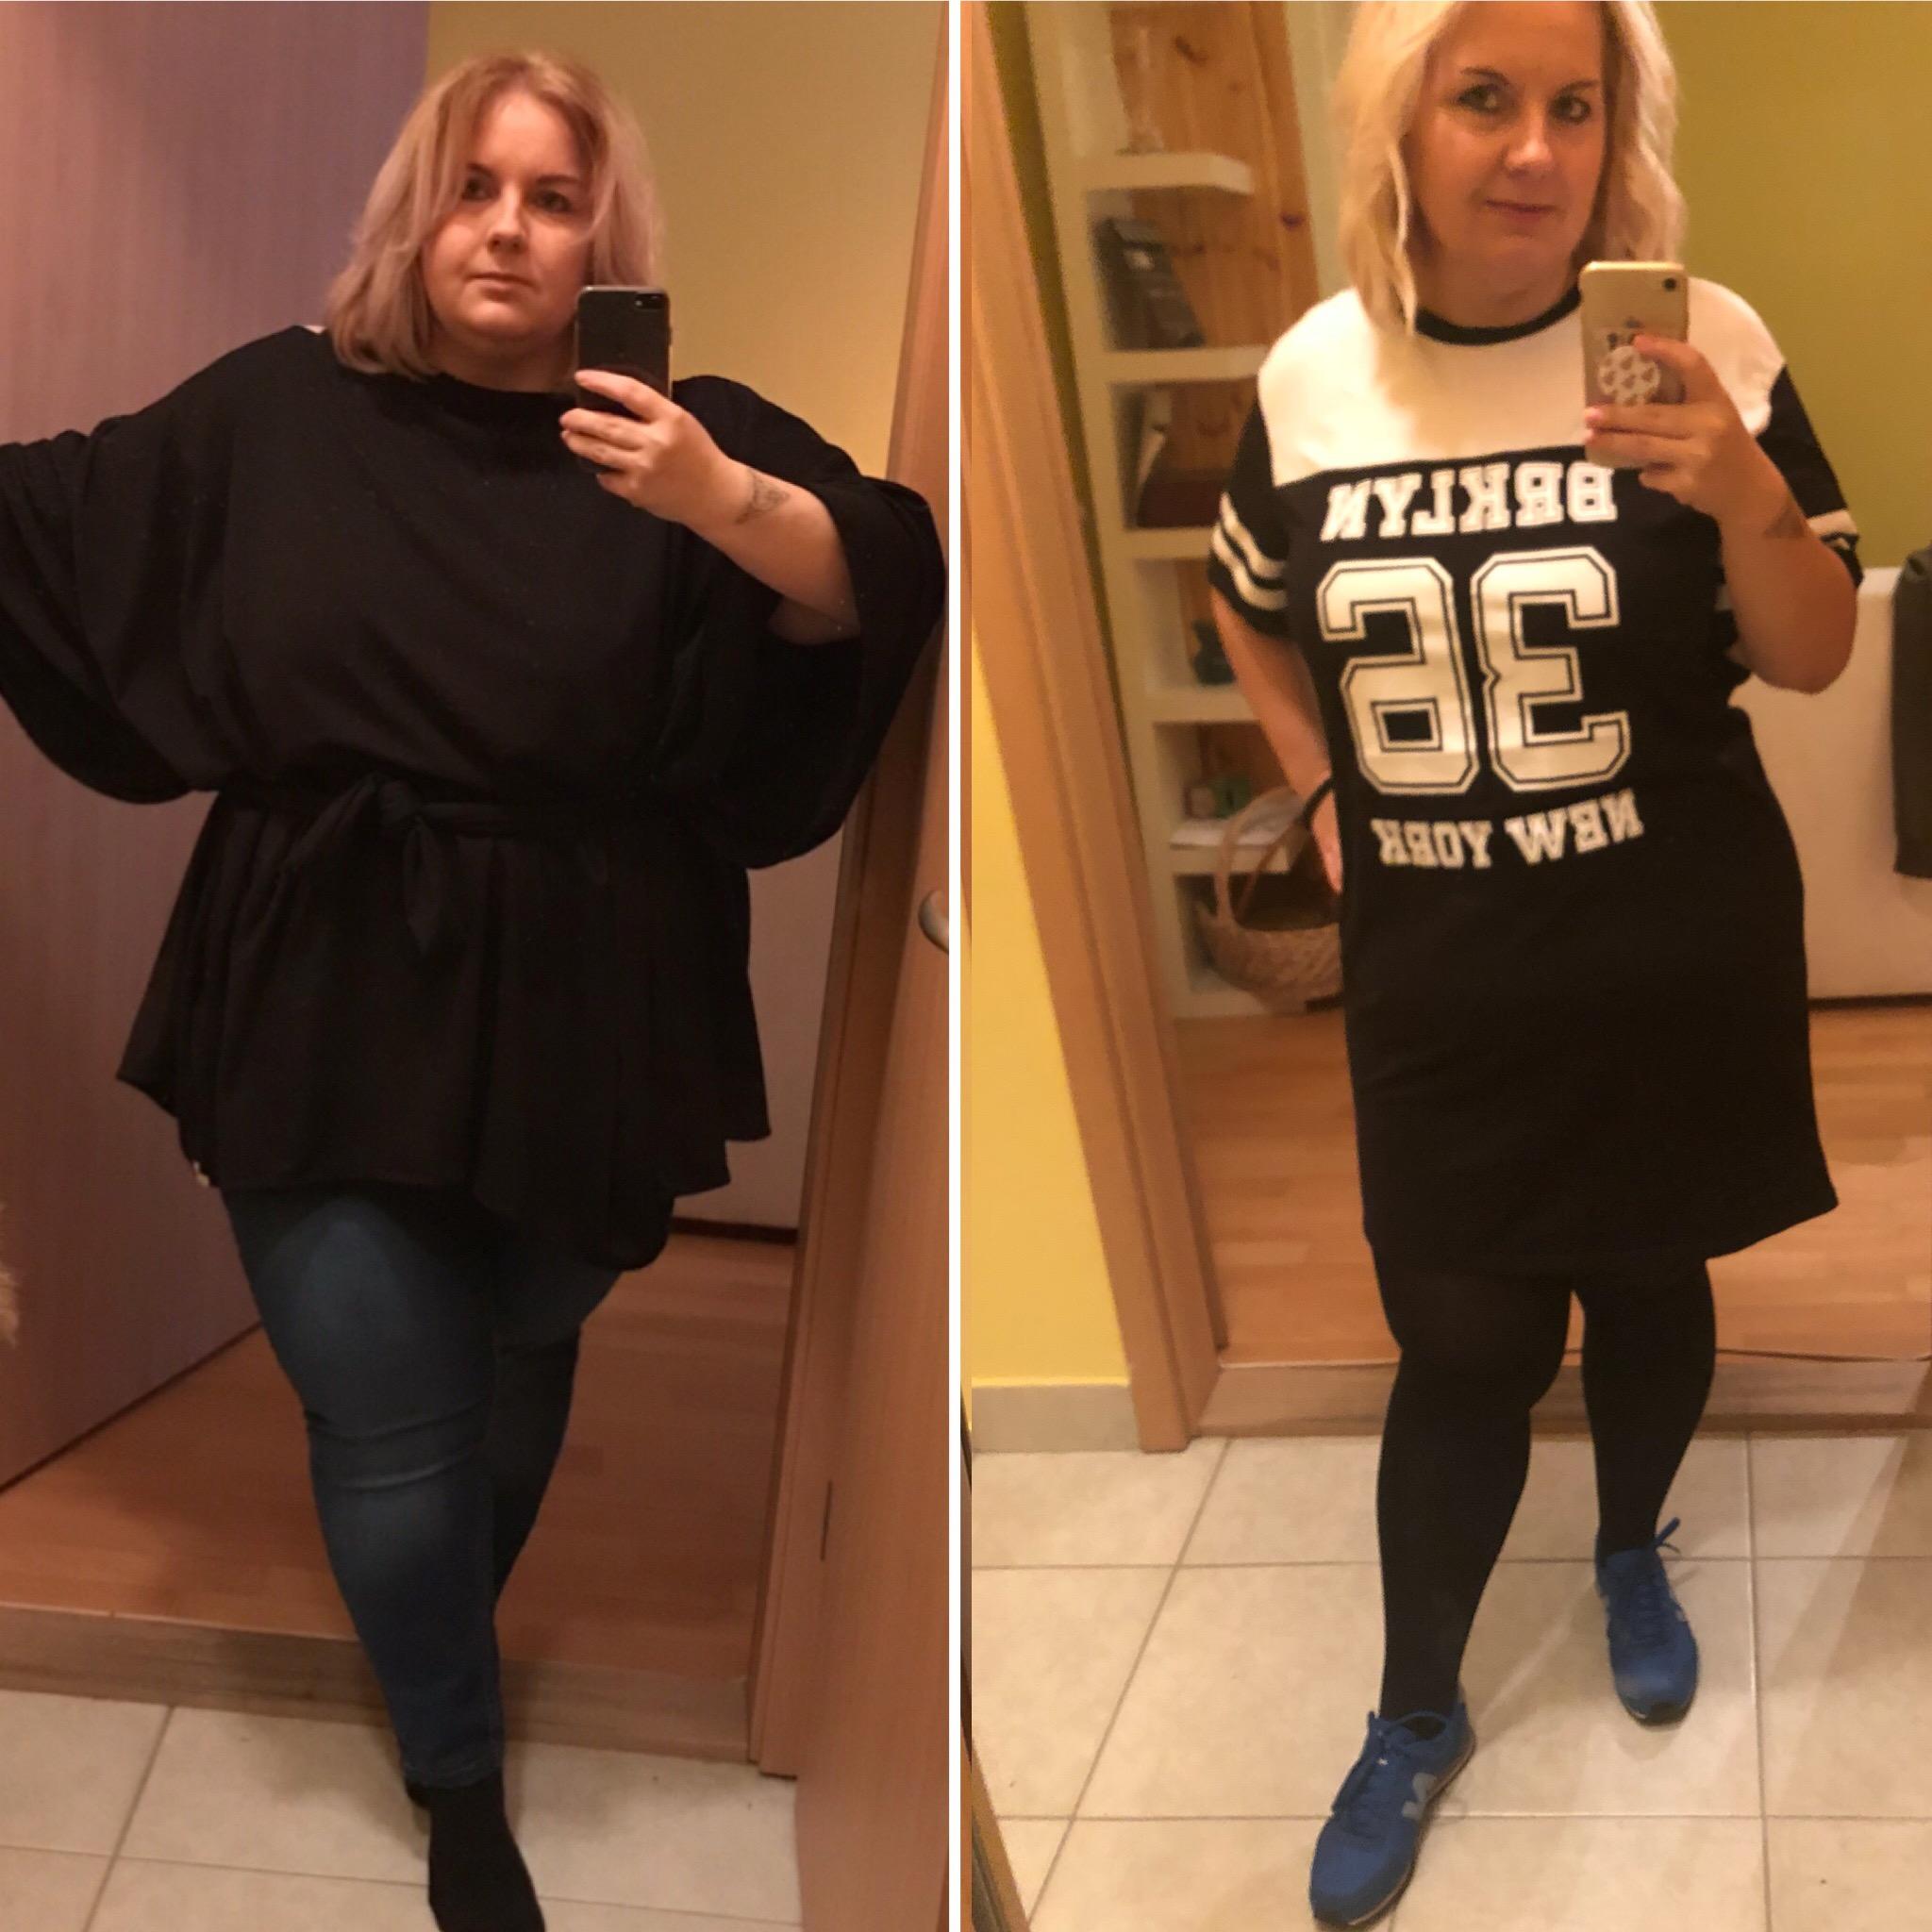 túlsúly és fogyni kell)